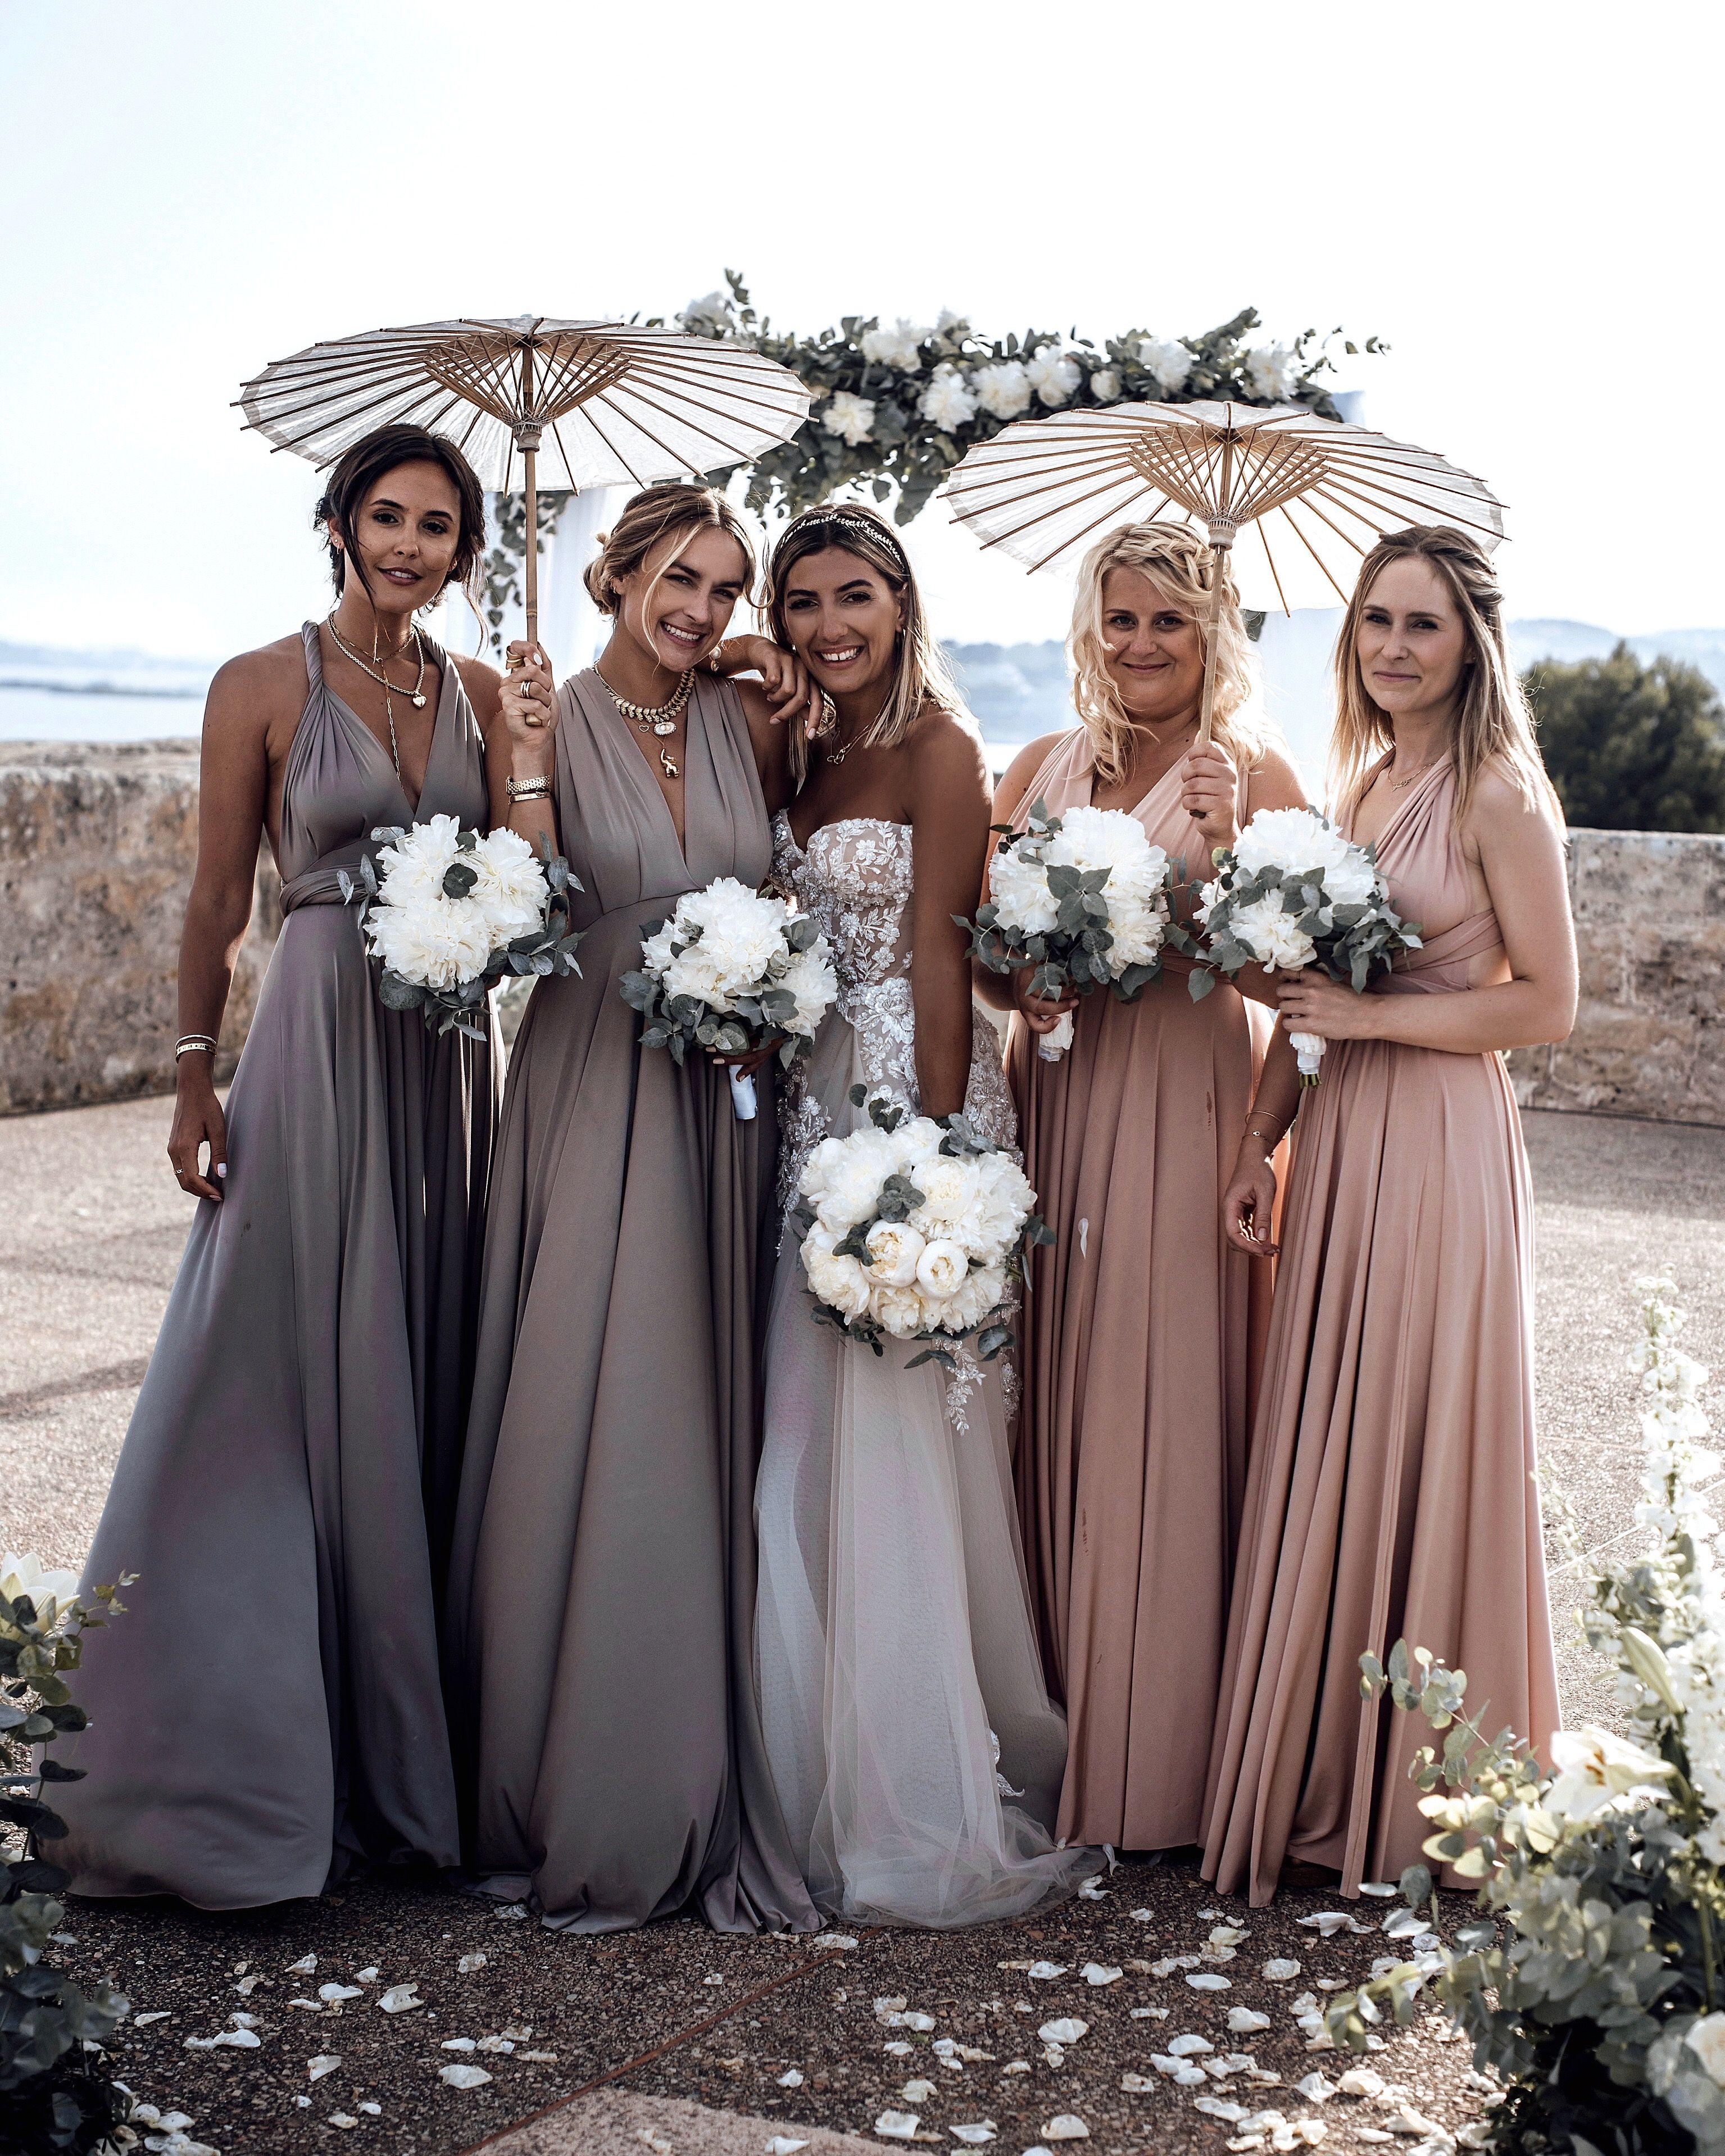 Angelina Muniz Nova two birds dresses | bridesmaids dresses | galia lahav gia